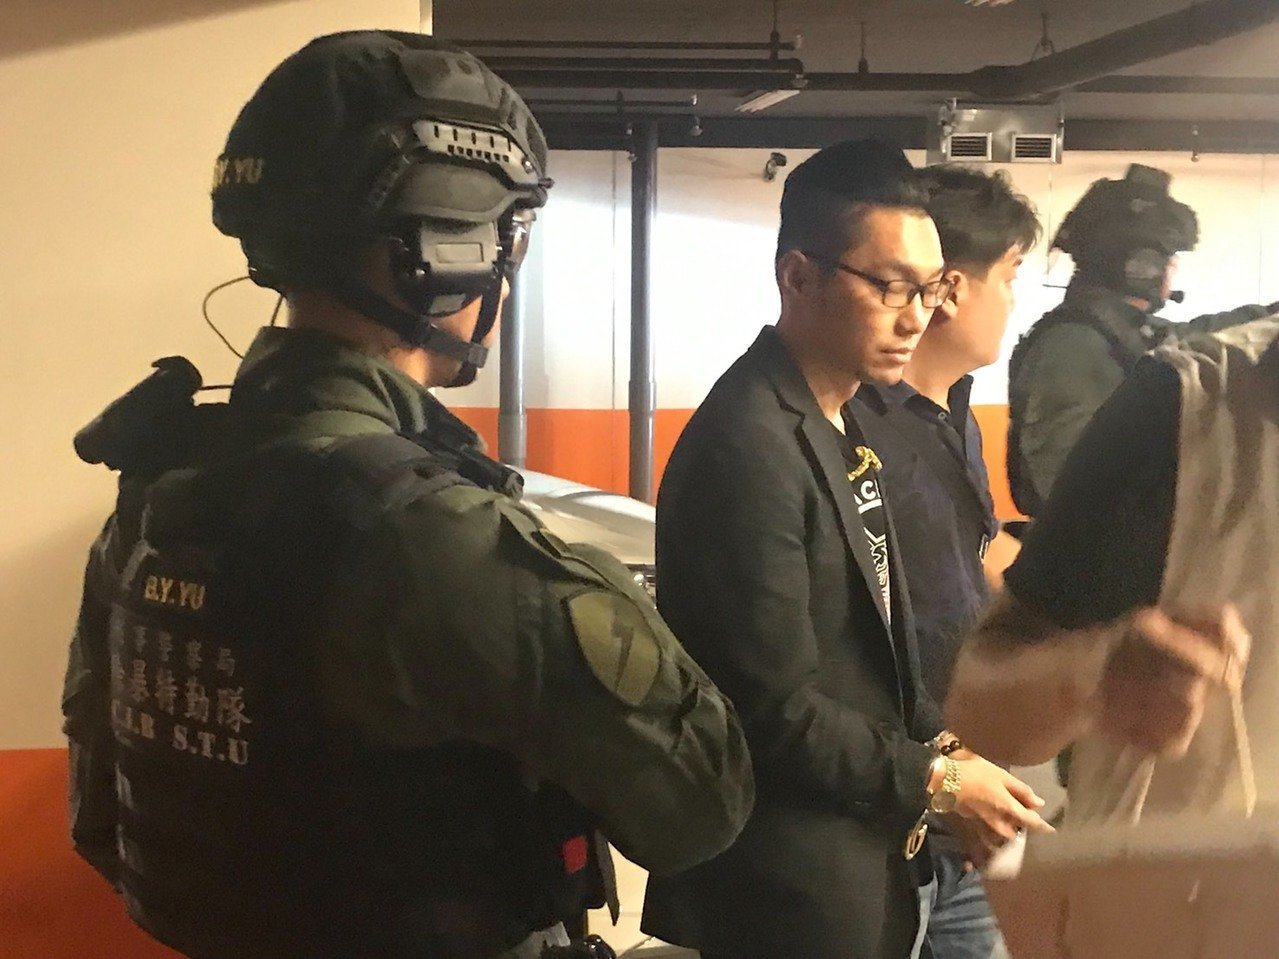 連千毅昨在新北中和,被警方逮捕。記者林保光/翻攝